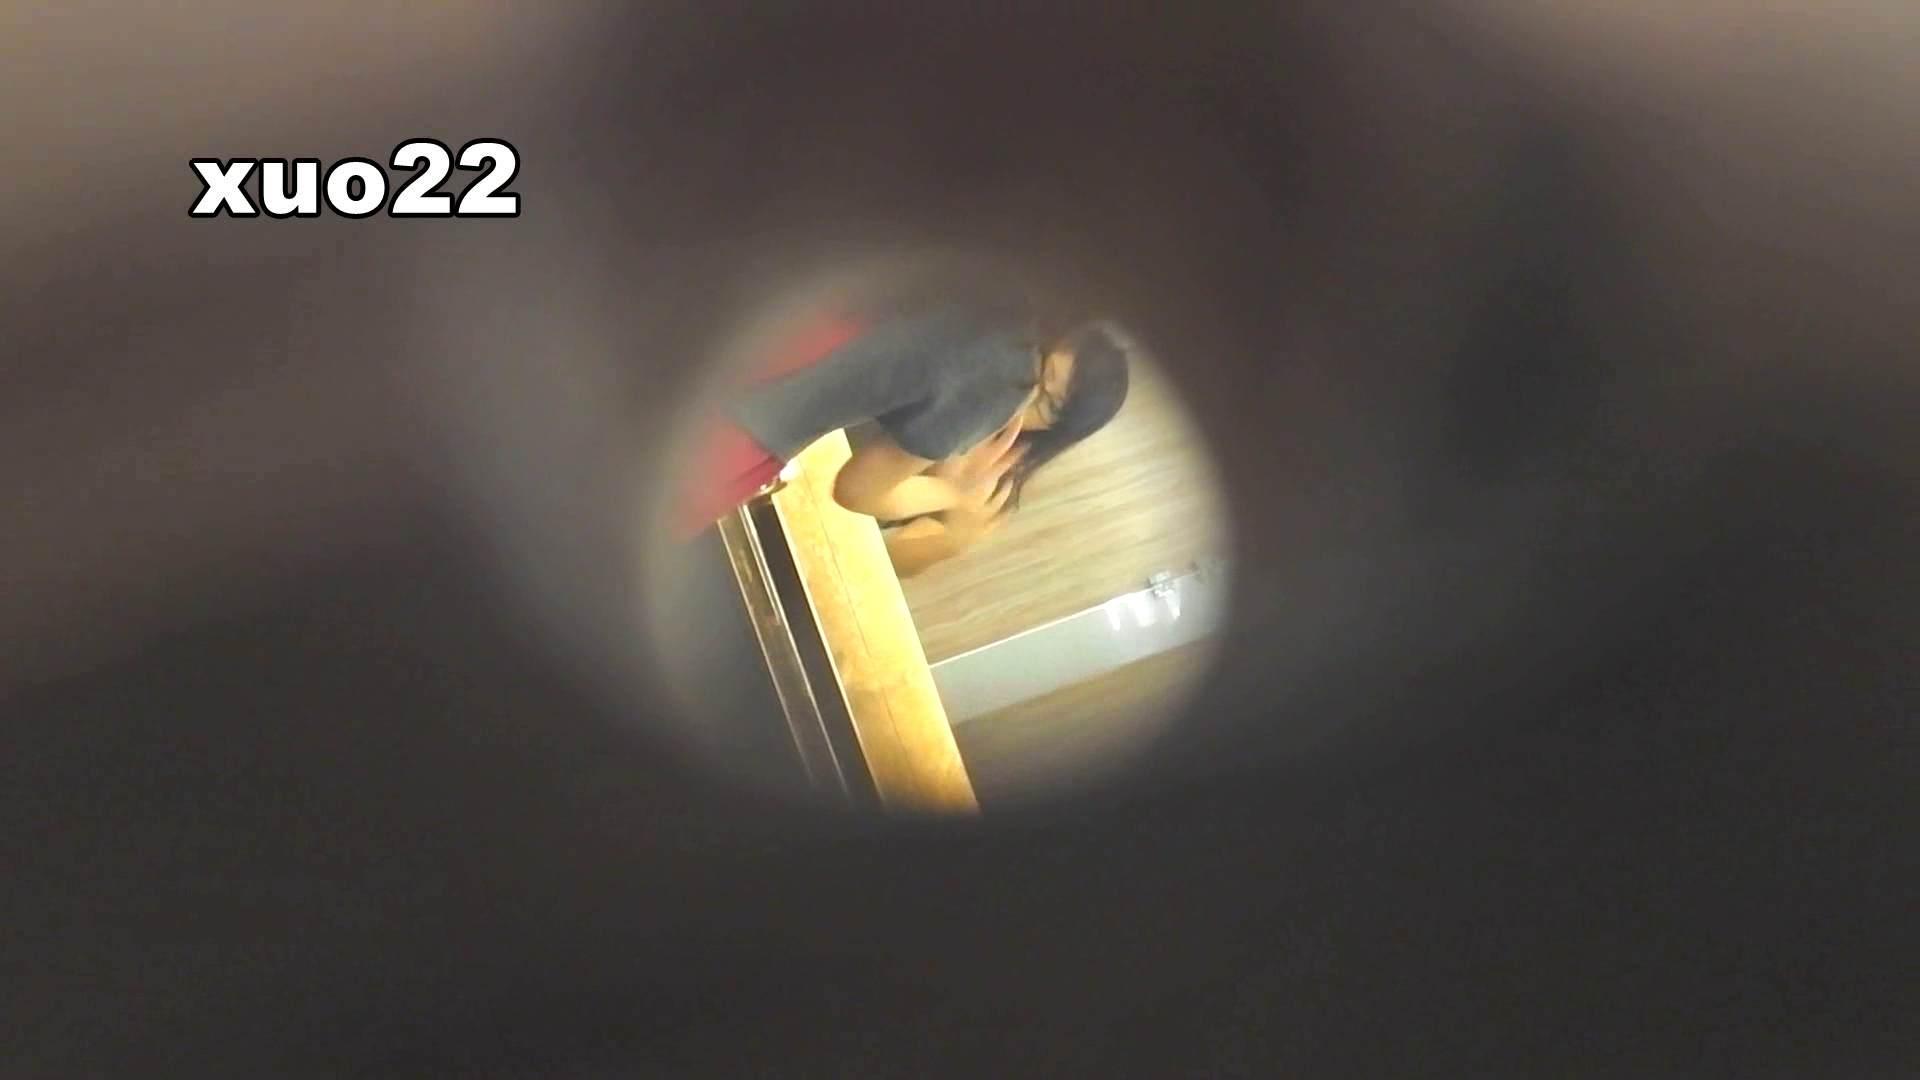 エッチ 熟女 阿国ちゃんの「和式洋式七変化」No.22 爽やかノースリーブさん 怪盗ジョーカー